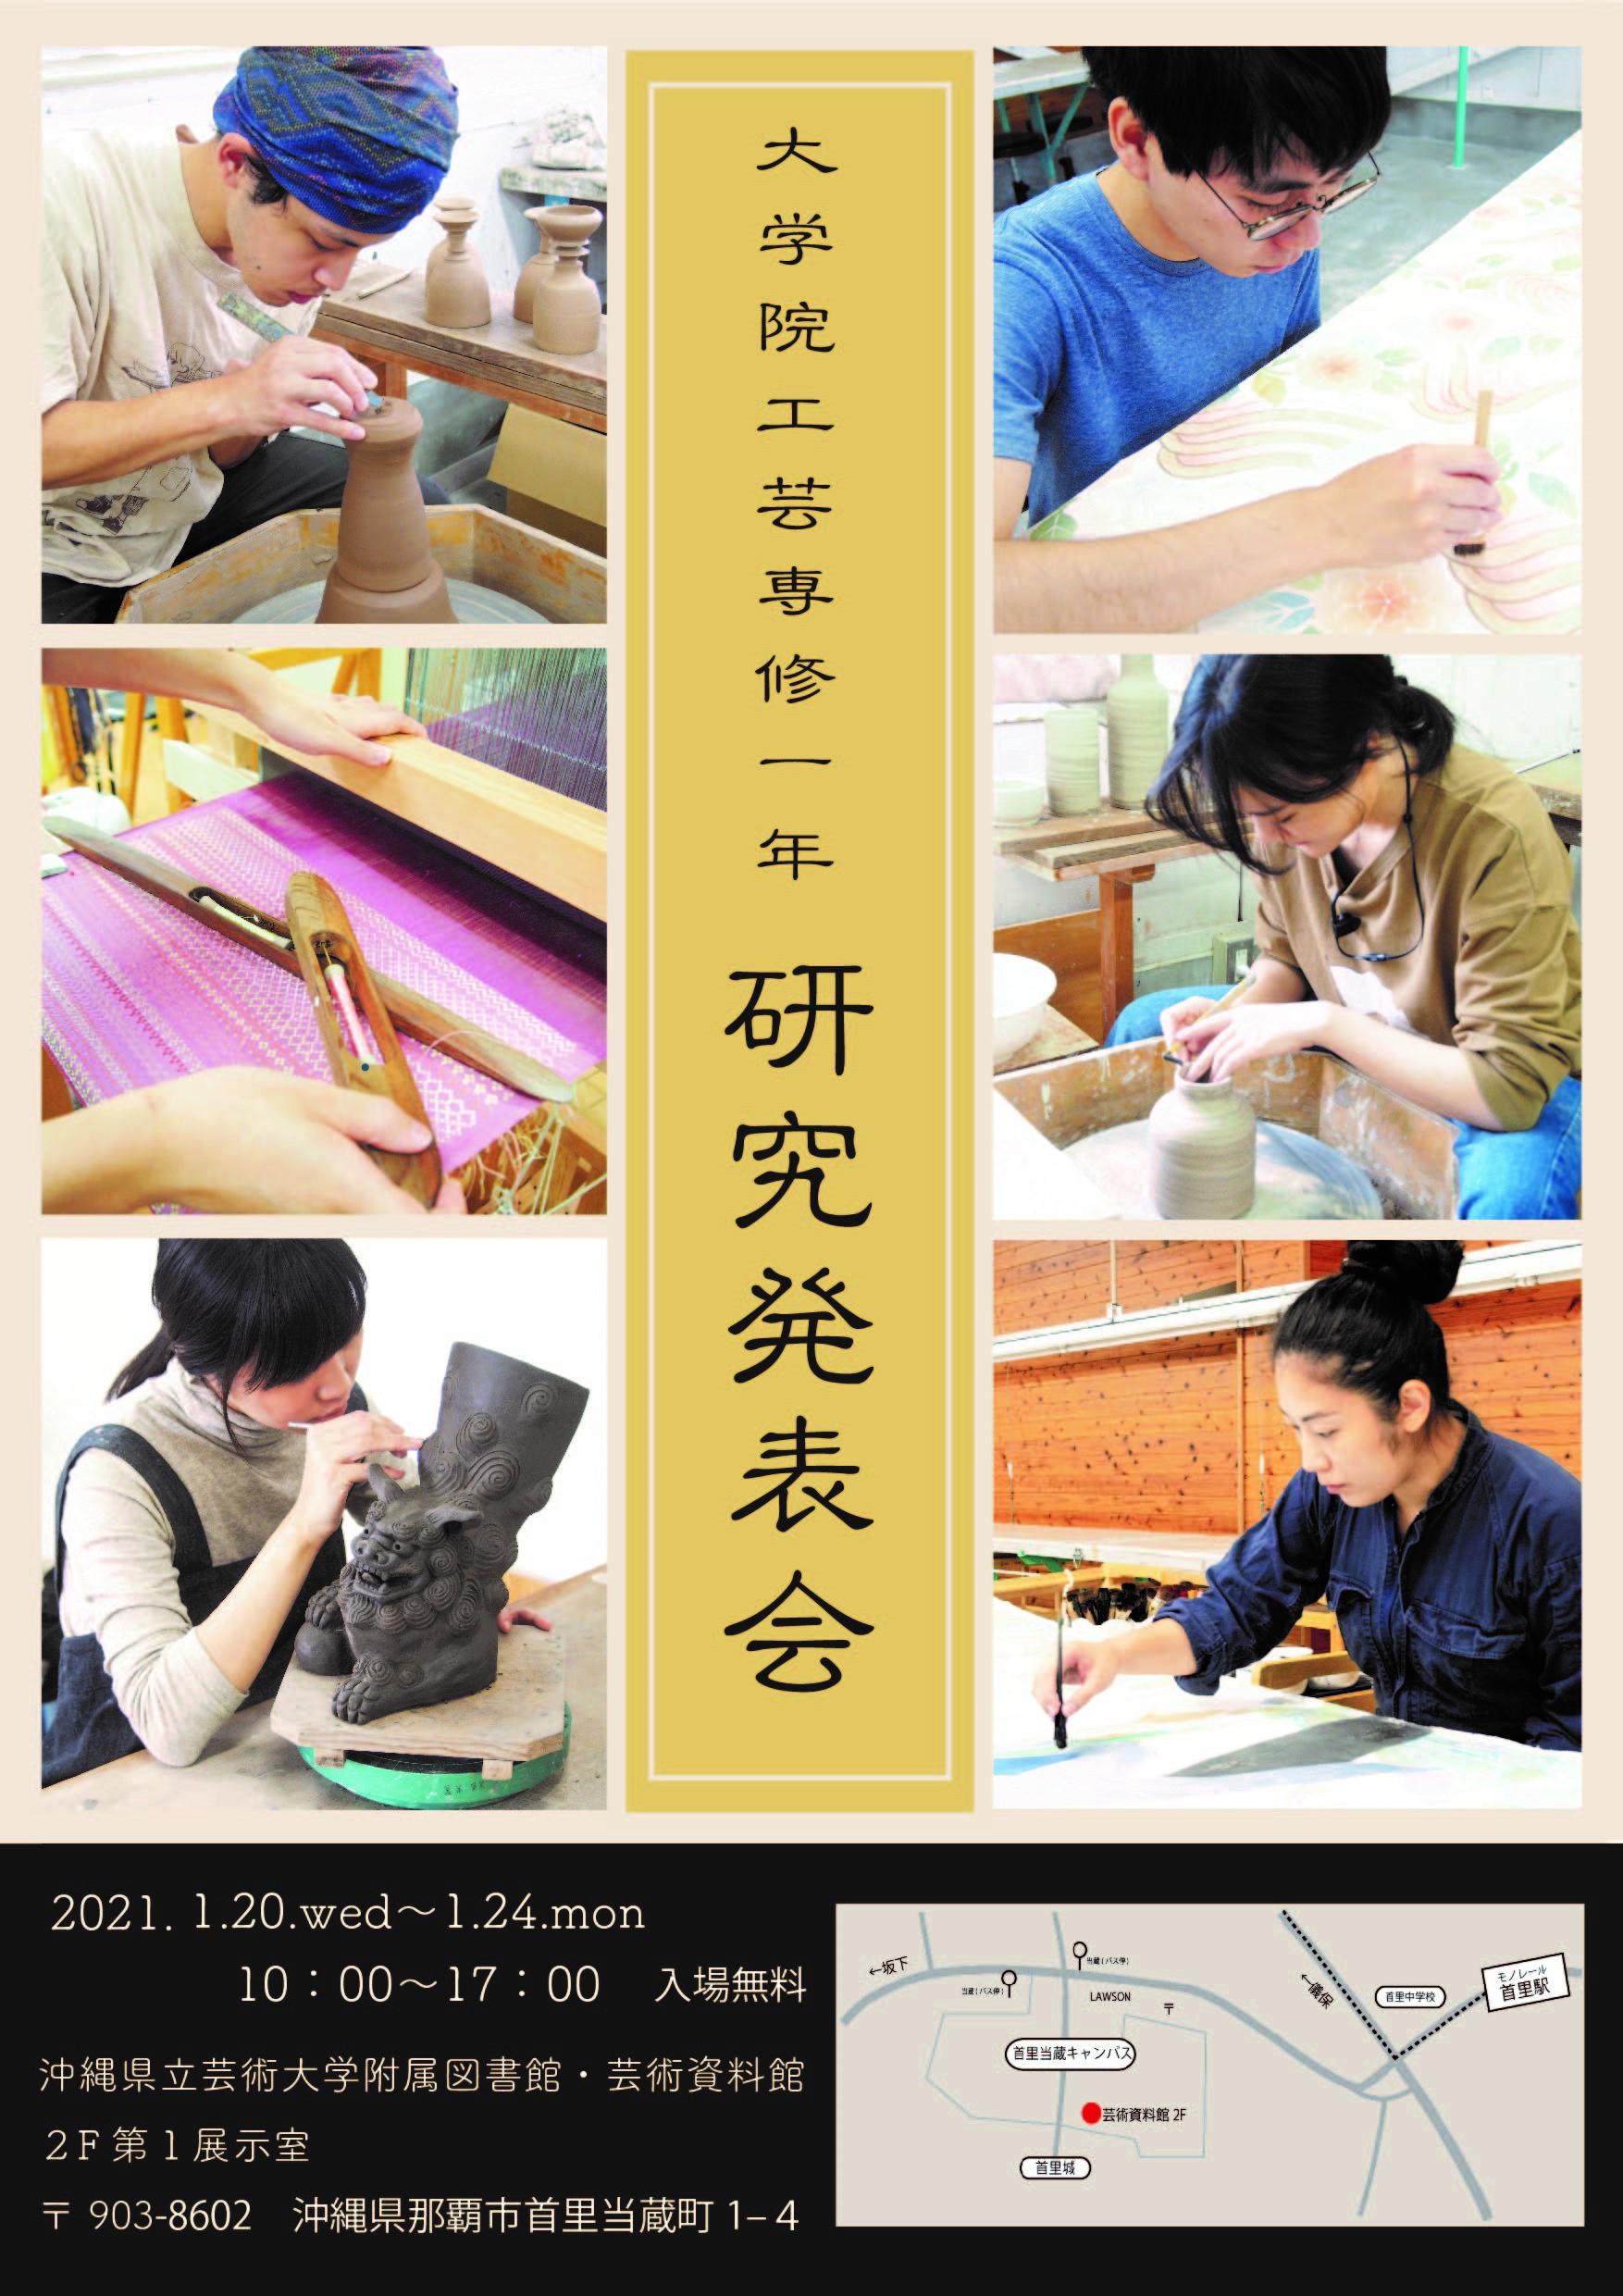 http://www.okigei.ac.jp/wp-content/uploads/2021/01/kougei_M1_2020.jpg